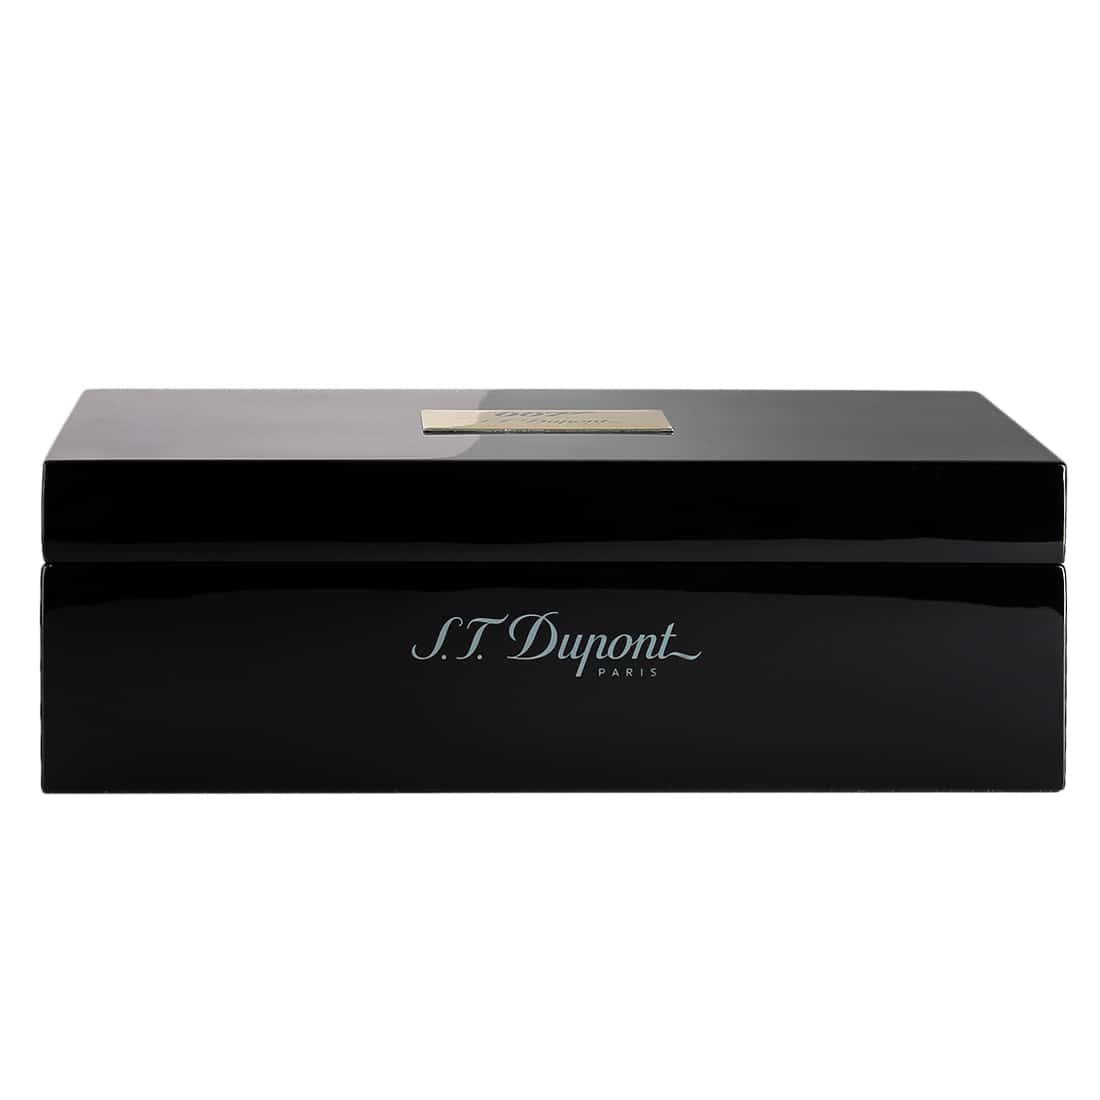 Photo #7 de Coffret Collector Briquet S.T. Dupont Ligne 2 James Bond 007 Or Jaune Track